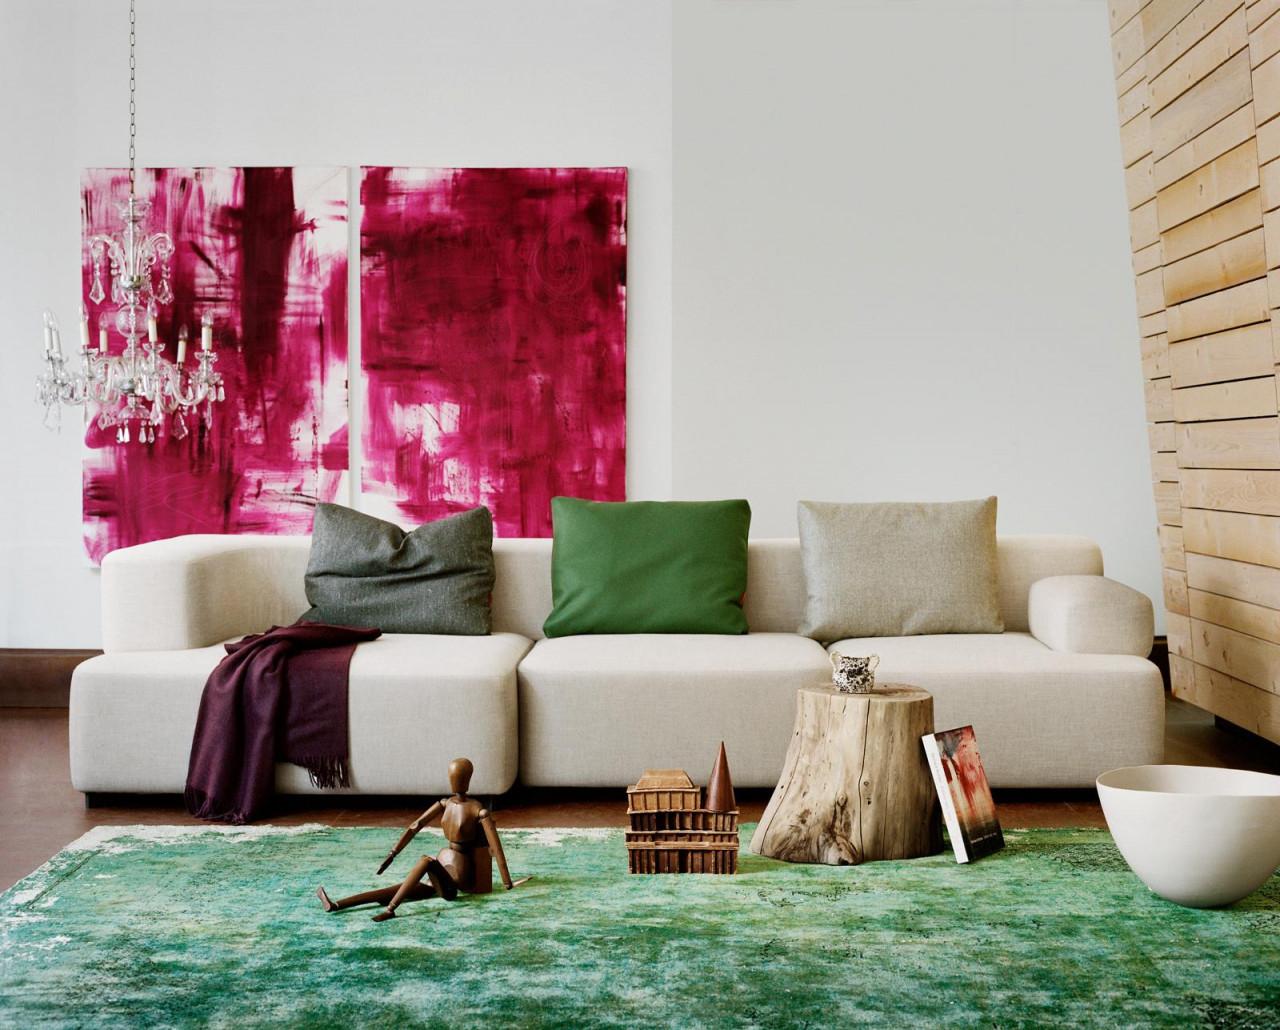 Cremefarbene Couch Und Grüner Teppich Gepaart Mit Pi von Grüner Teppich Wohnzimmer Bild